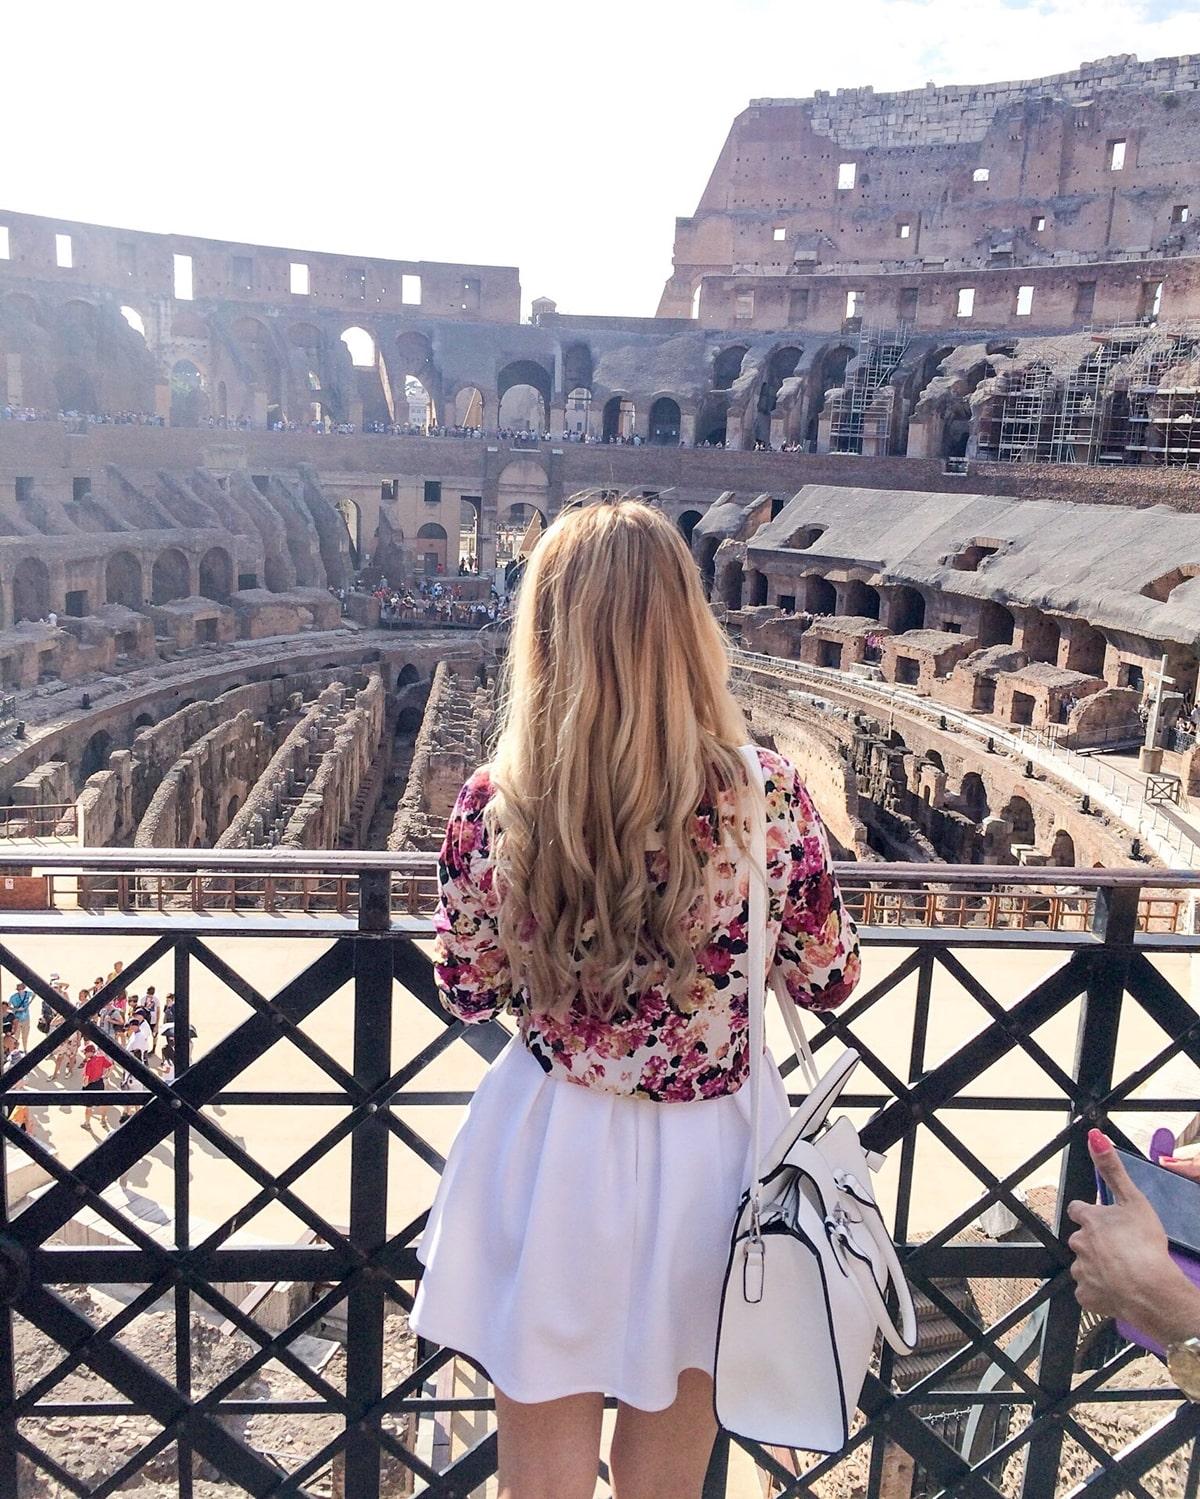 andreea ristea - travel, colosseum, poze interior